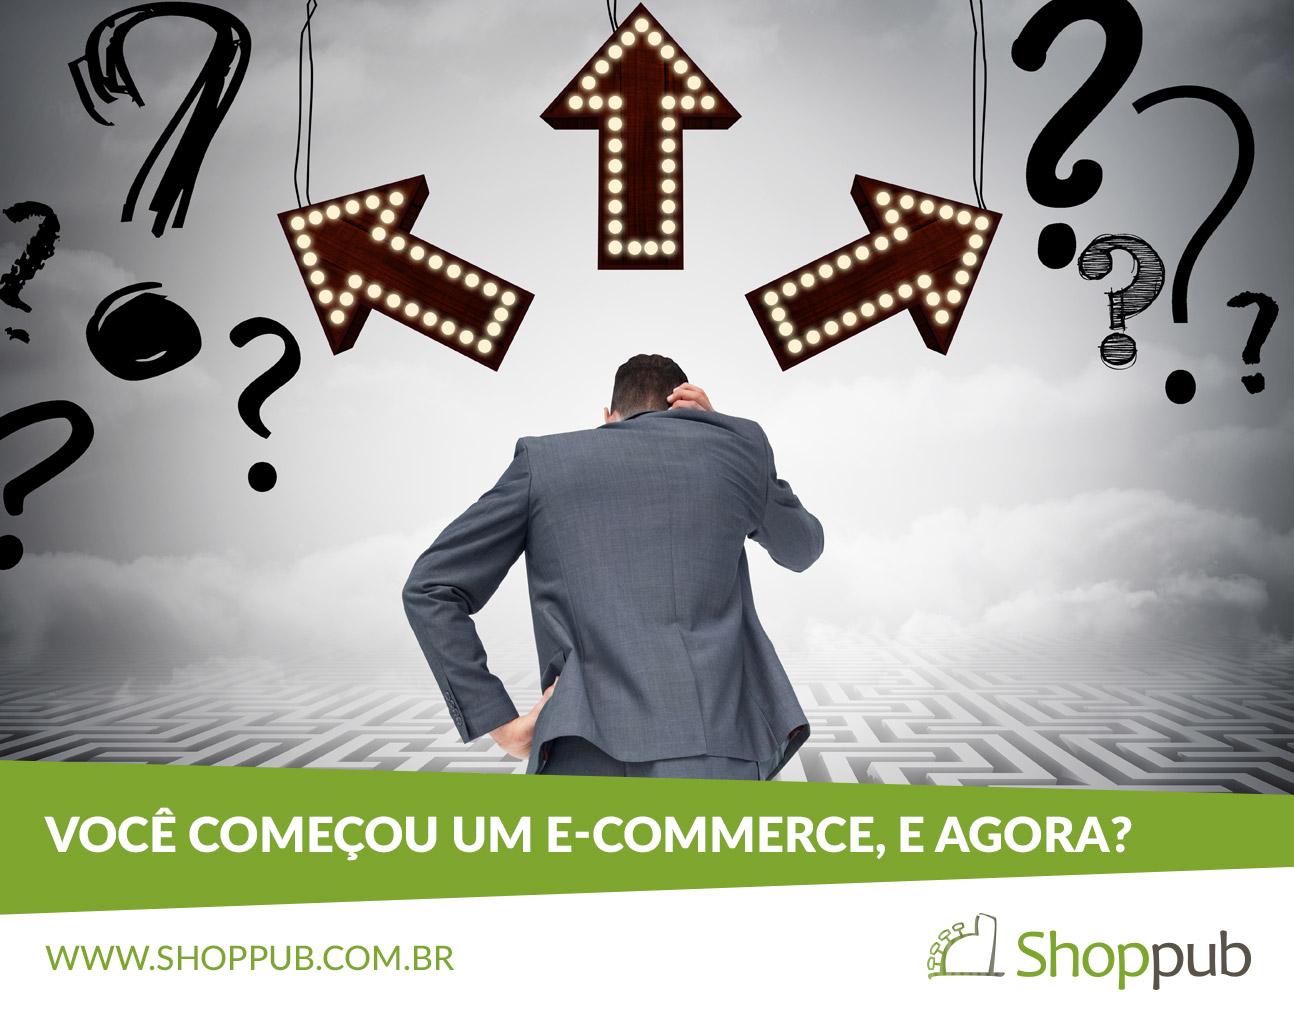 Você começou um e-commerce, e agora?